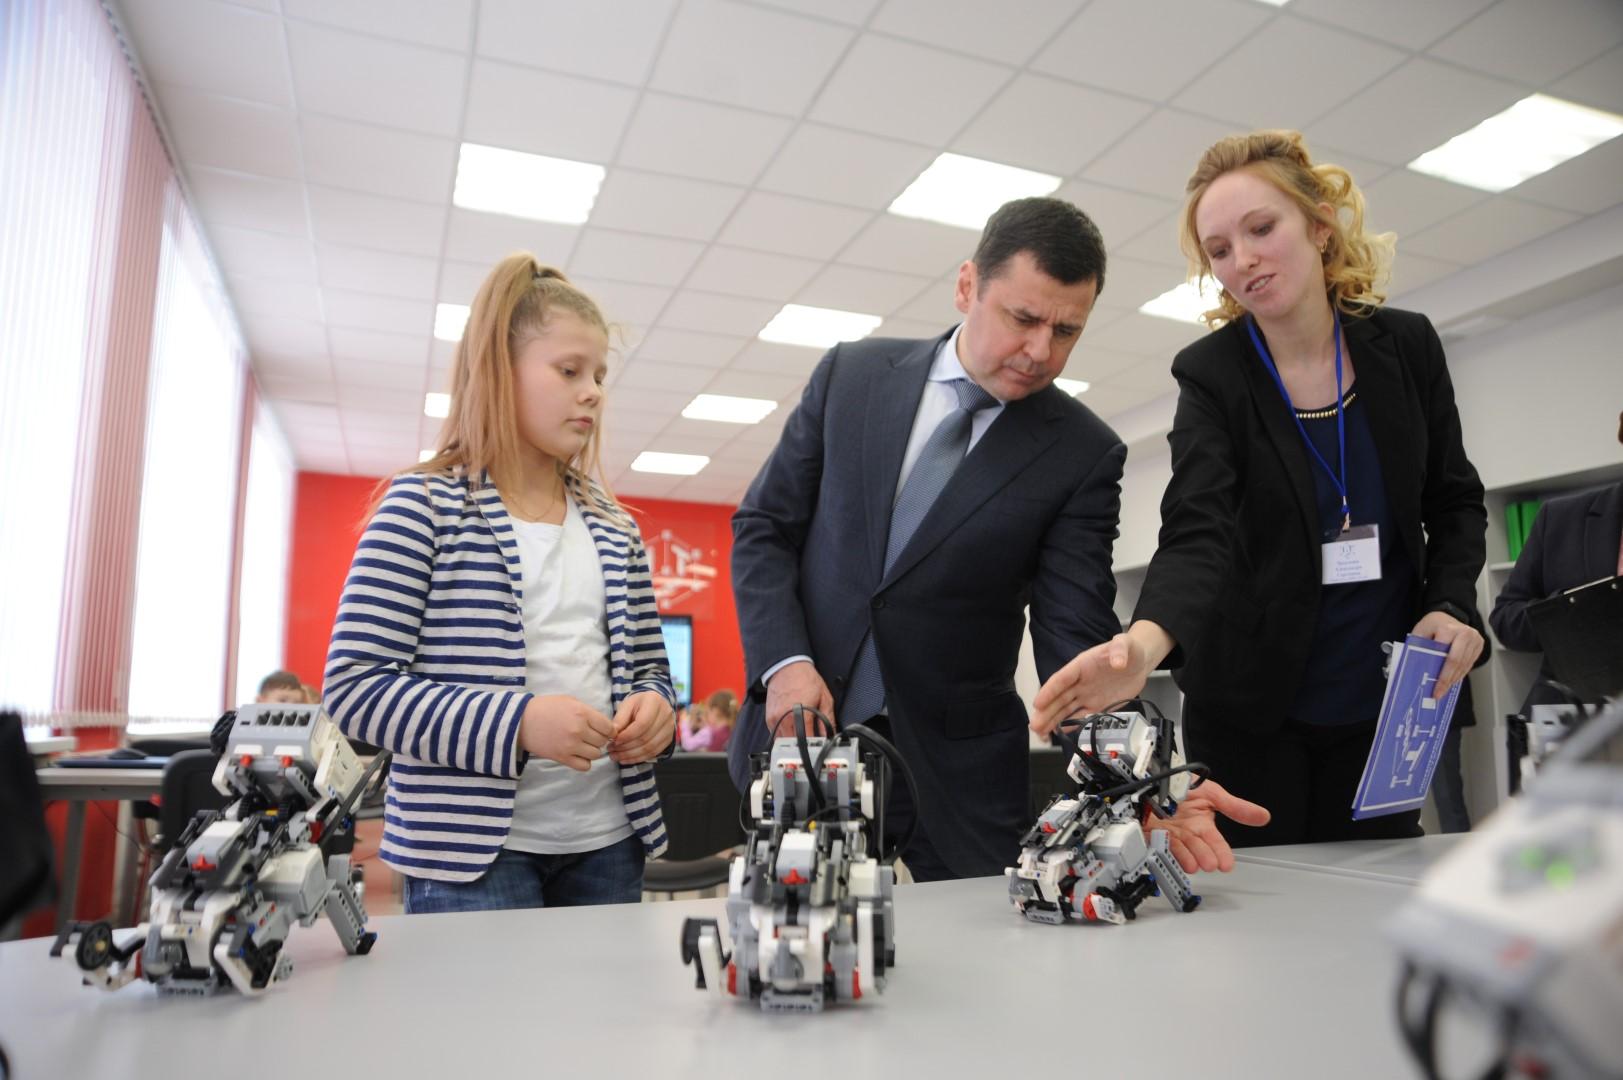 Дмитрию Миронову в Переславле подарили мышку, напечатанную на 3D-принтере в «IT-кубе»